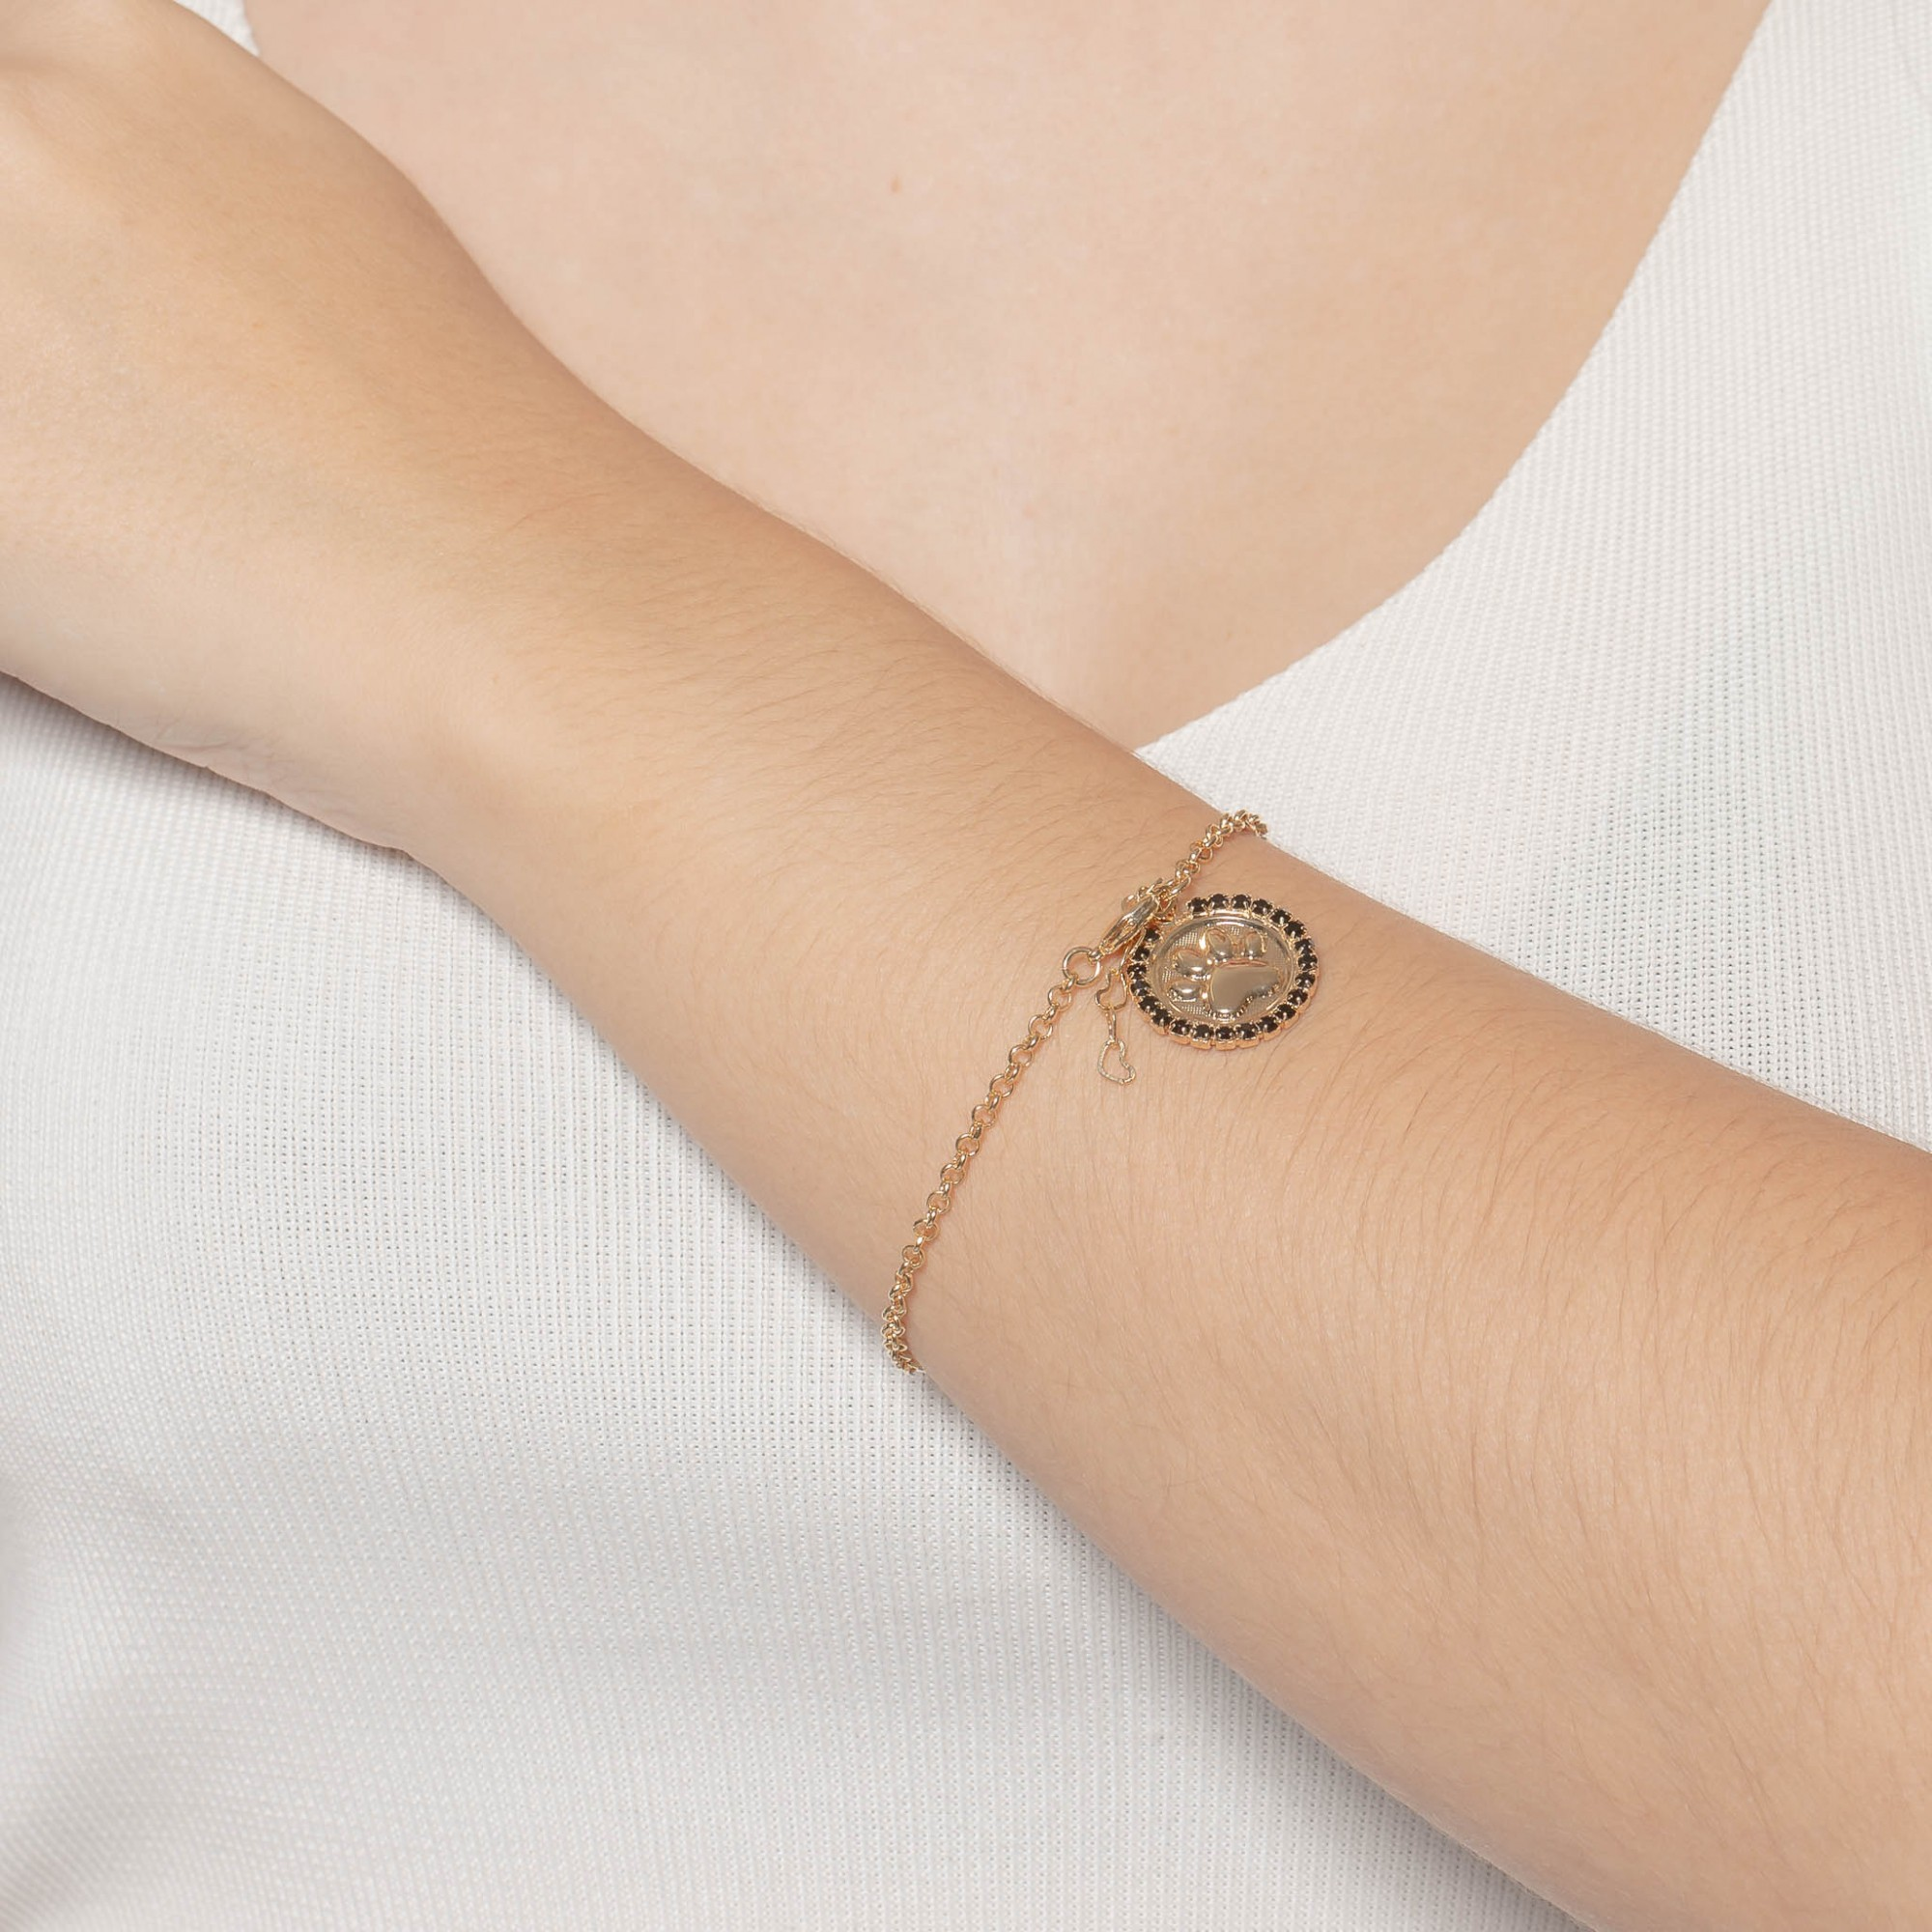 Pulseira pendente de pata com strass preto banhada a ouro 18k.  - romabrazil.com.br